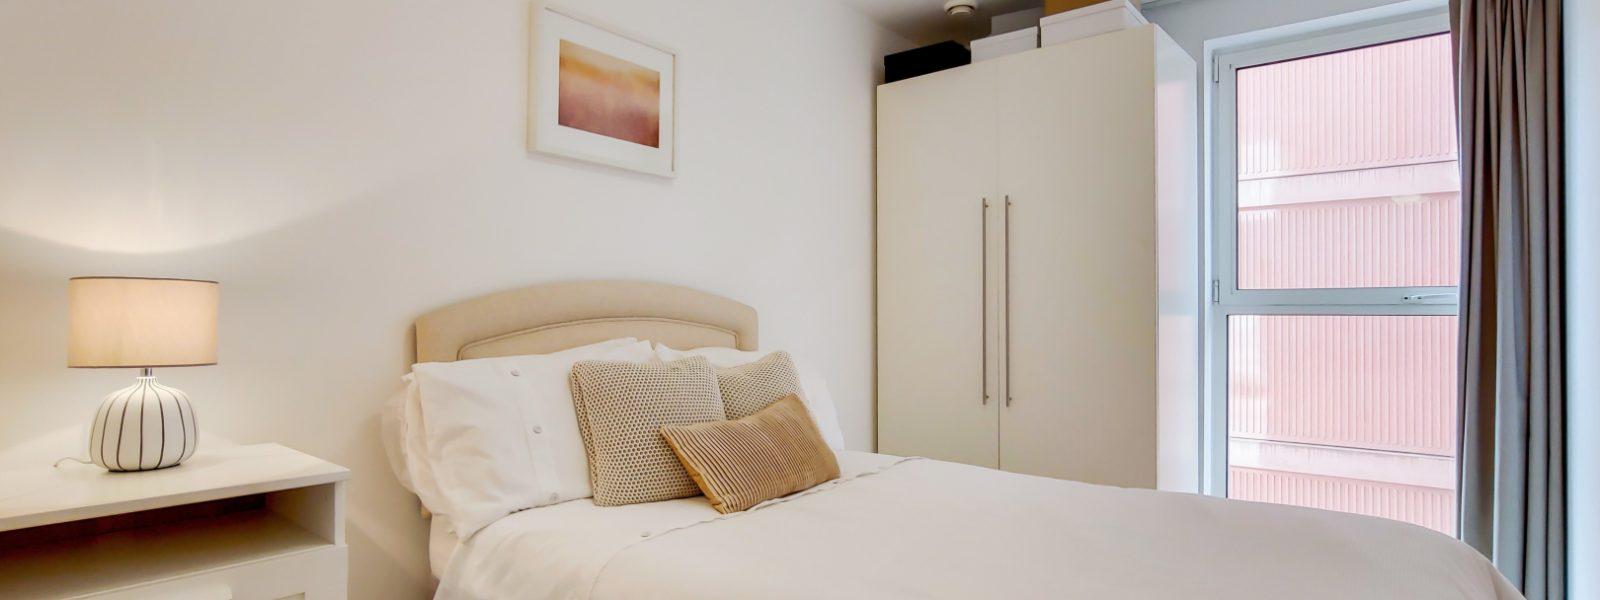 2_Bedroom 2-1